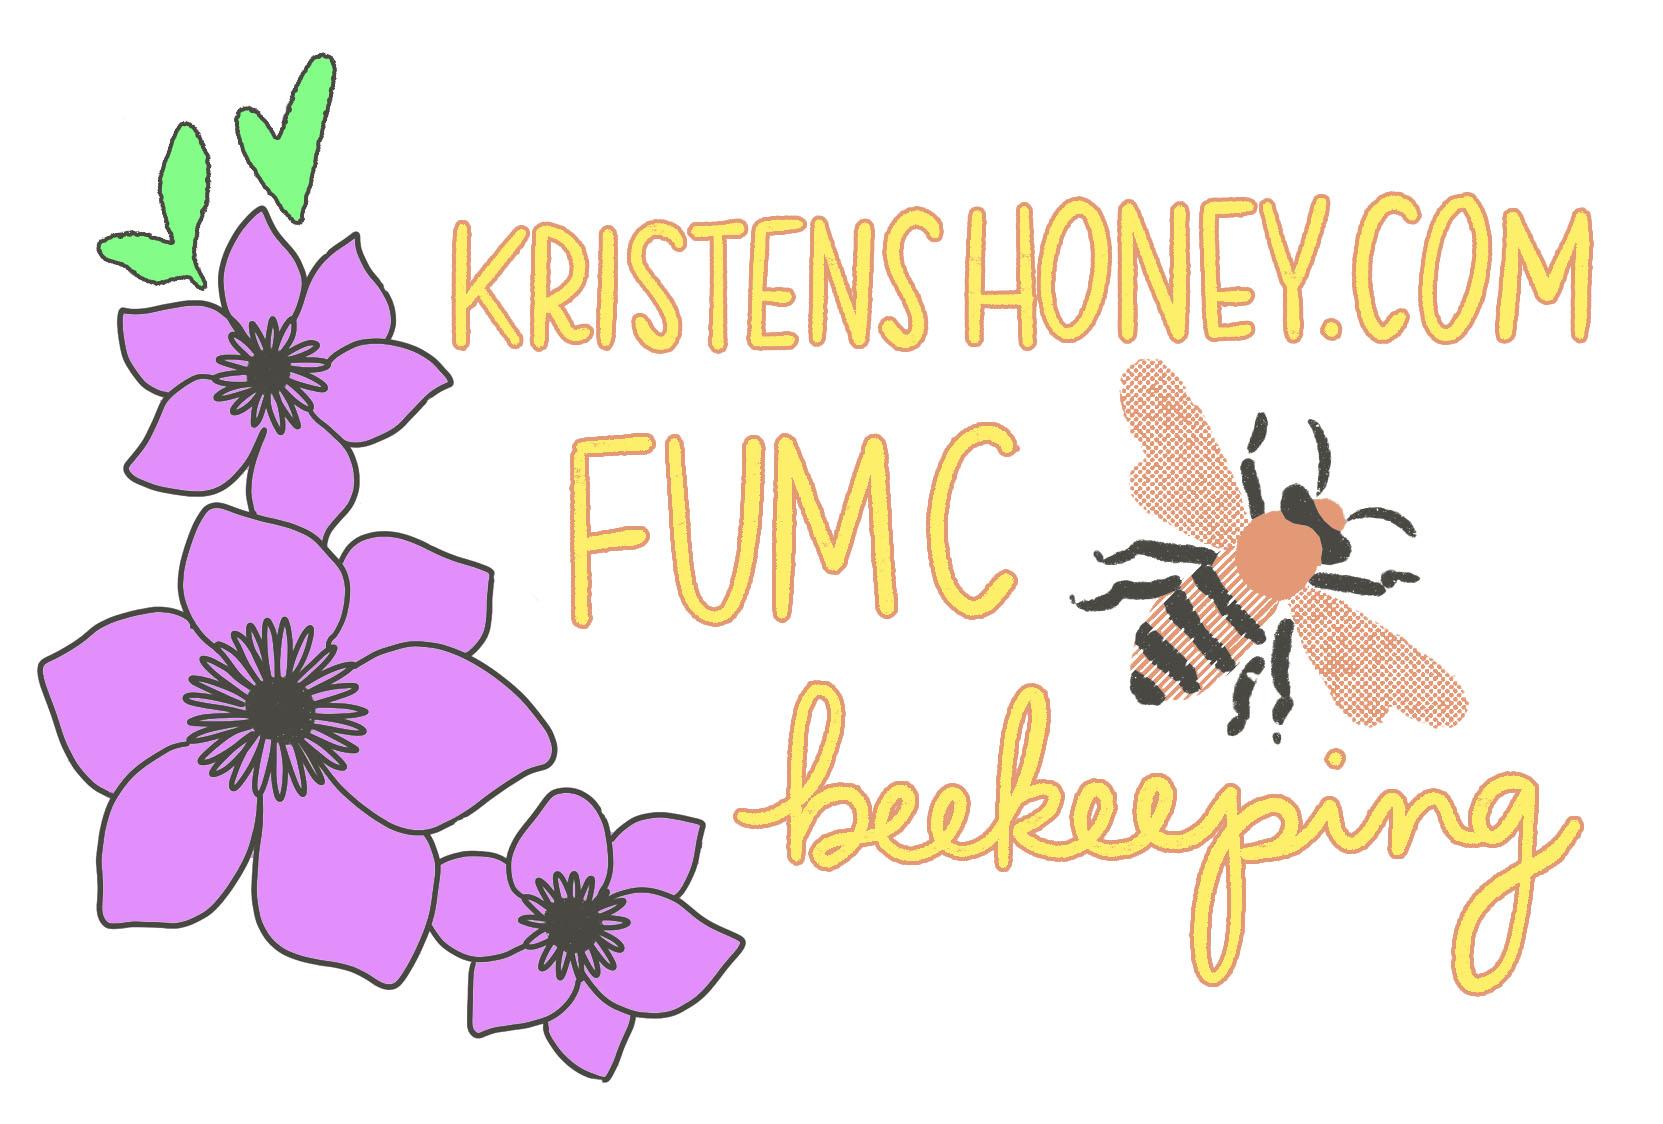 Kristens Honey